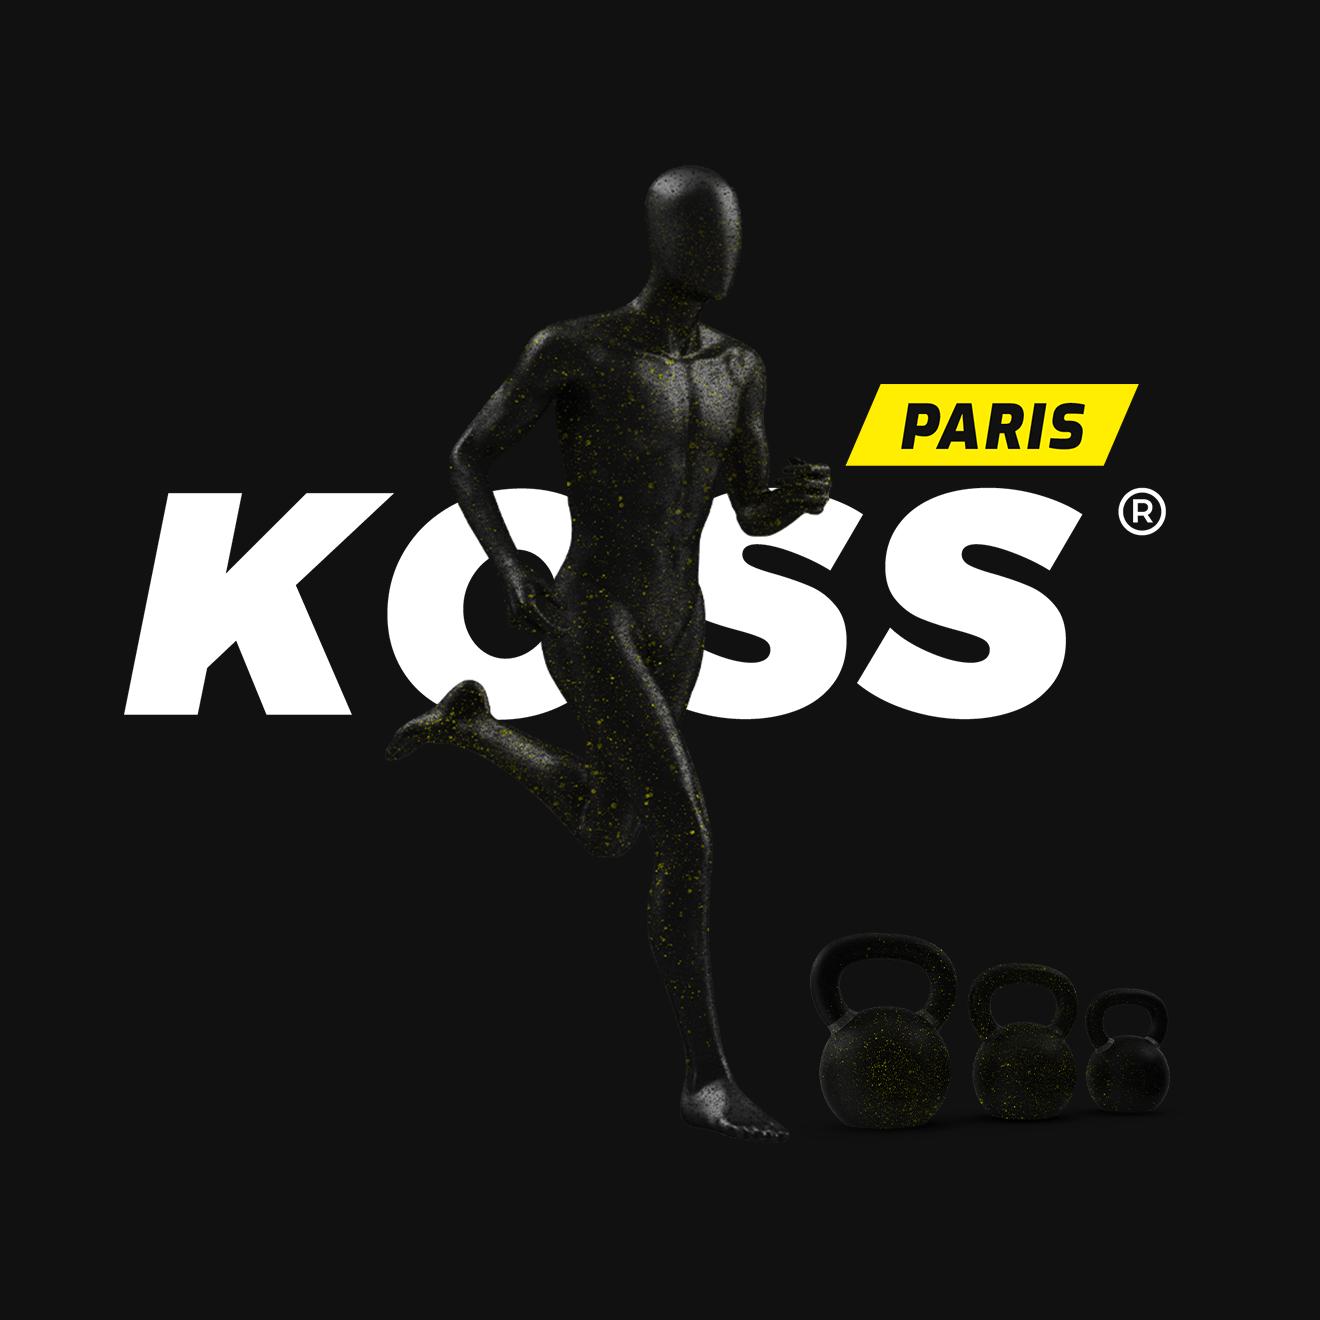 Visuel de la refonte de l'identité visuelle du cabinet de kine Koss Paris. La mission consistait à la création d'un logo, du rebranding de l'identité de l'entreprise et la création du site web.